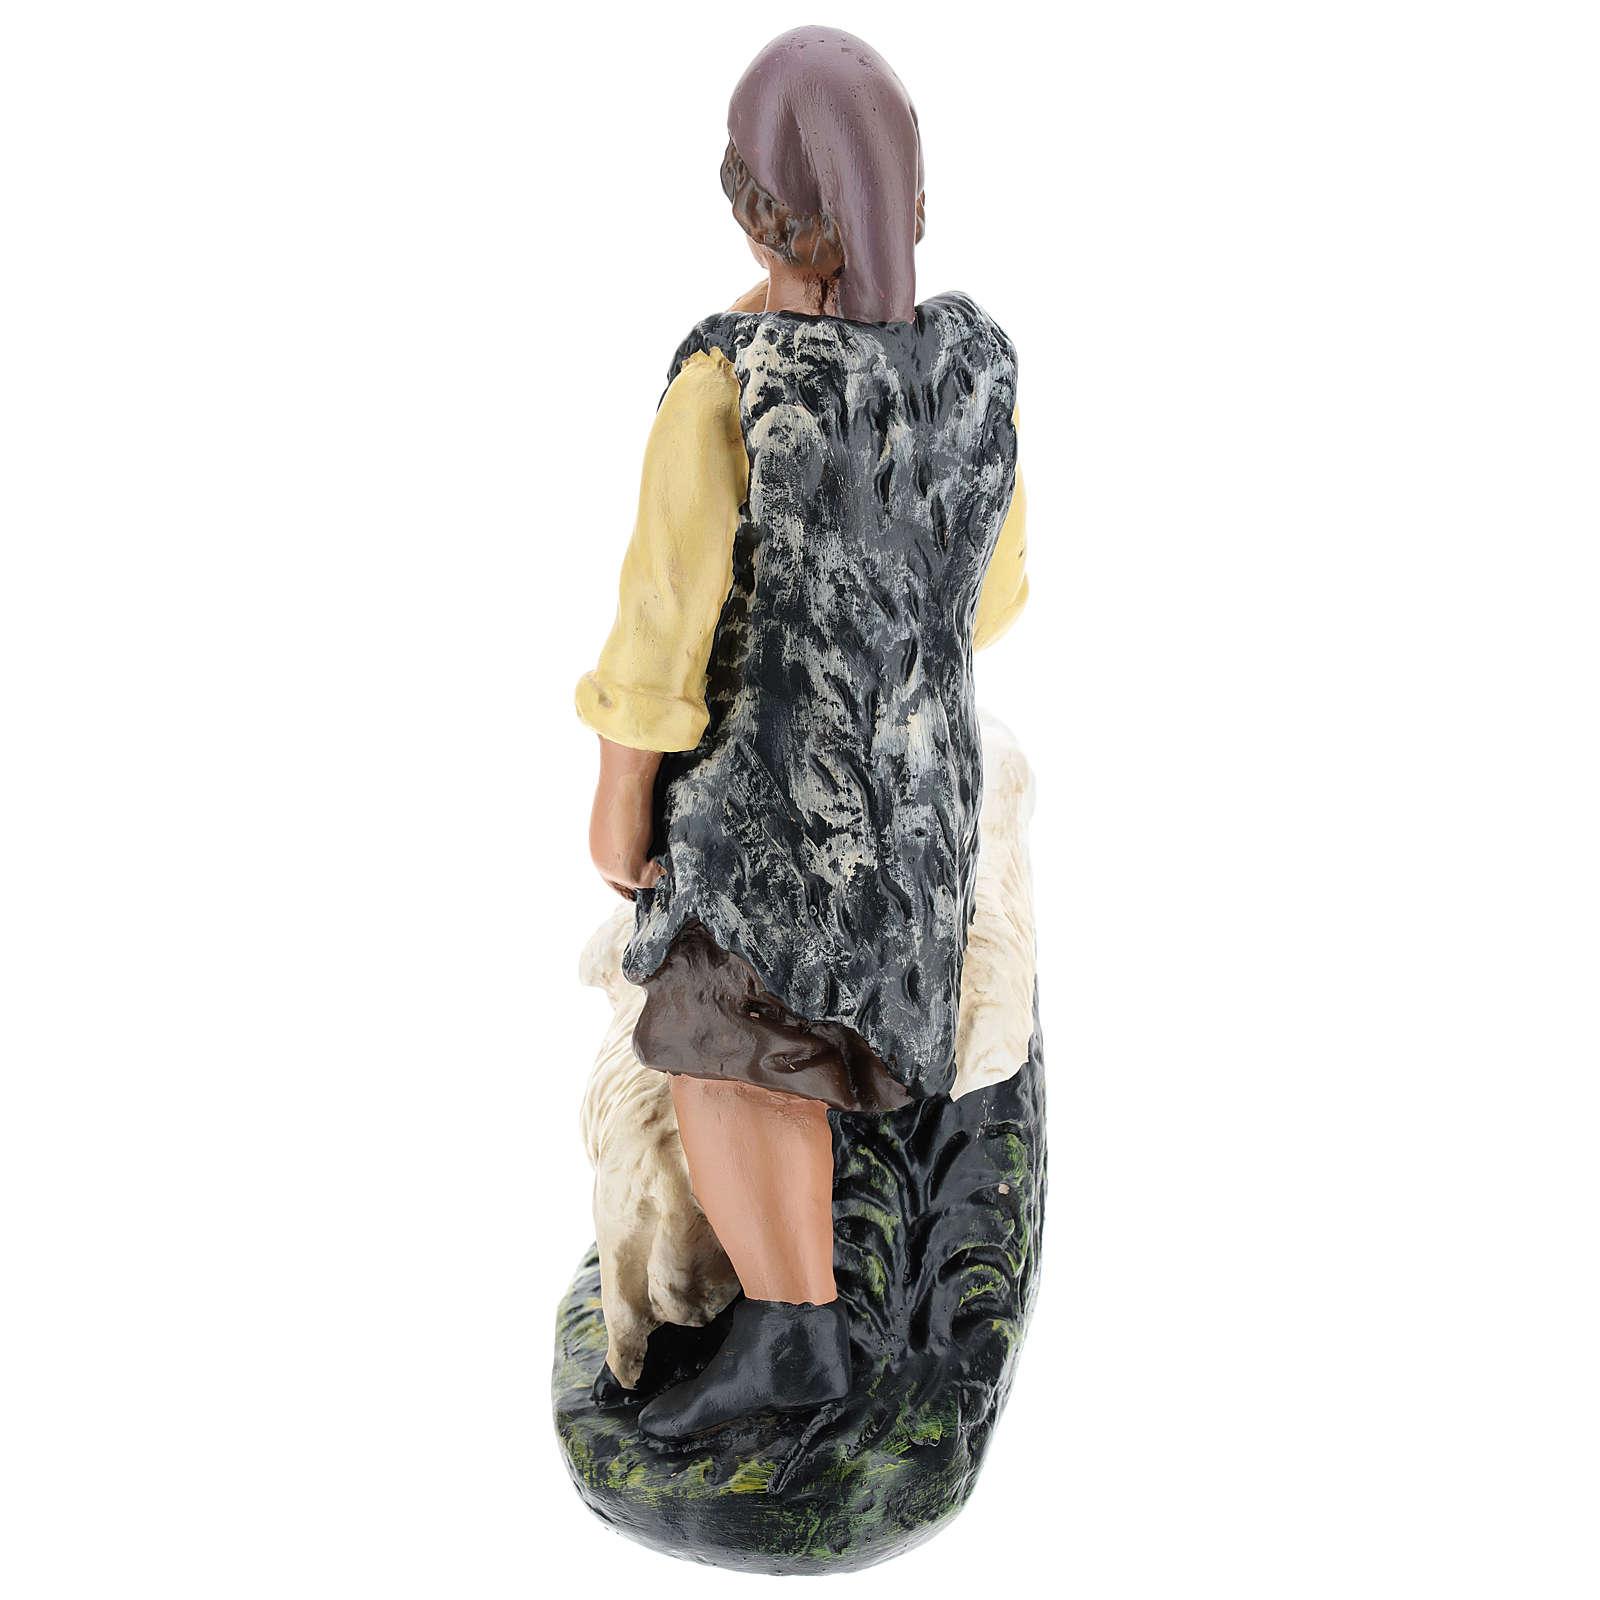 Pastore con gregge in gesso presepe 30 cm Arte Barsanti 4